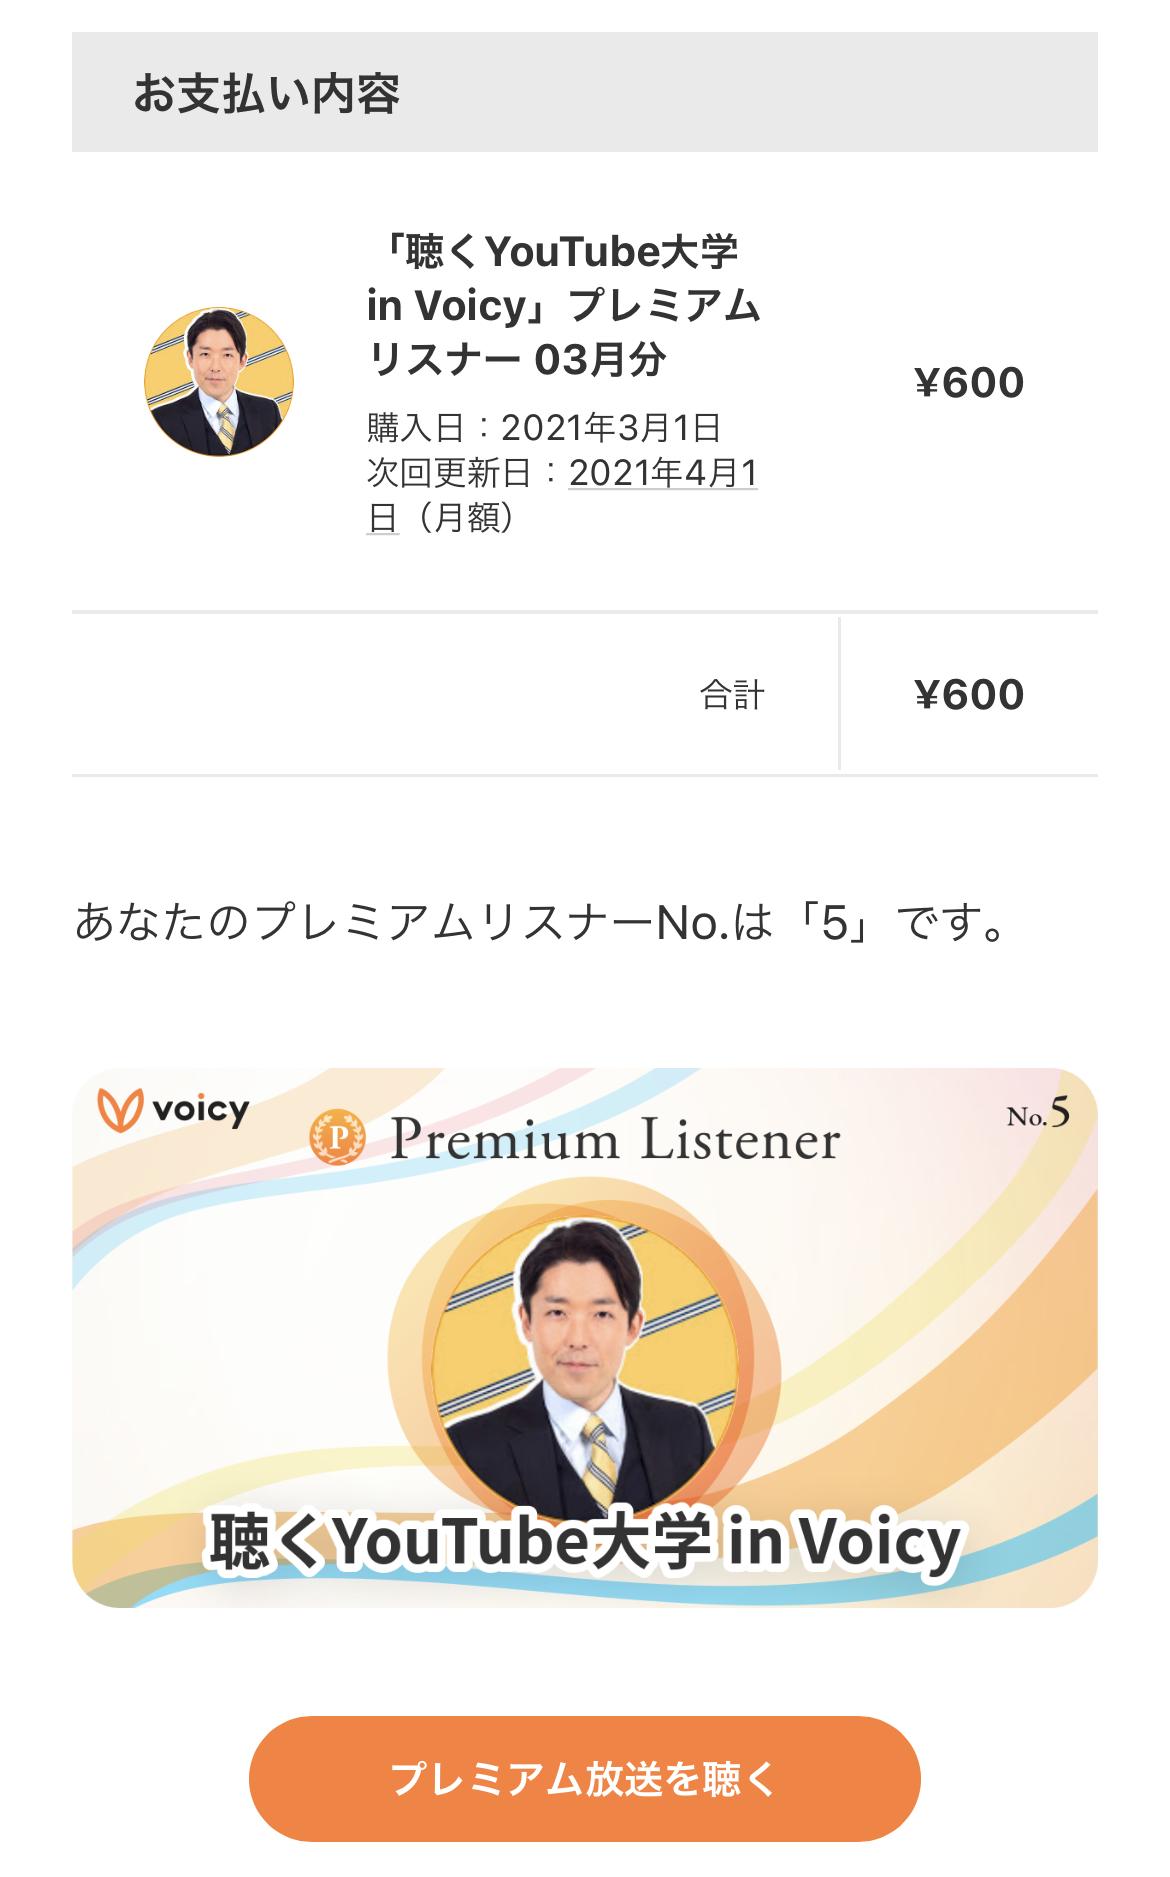 聴くYouTube大学 in Voicy を購入